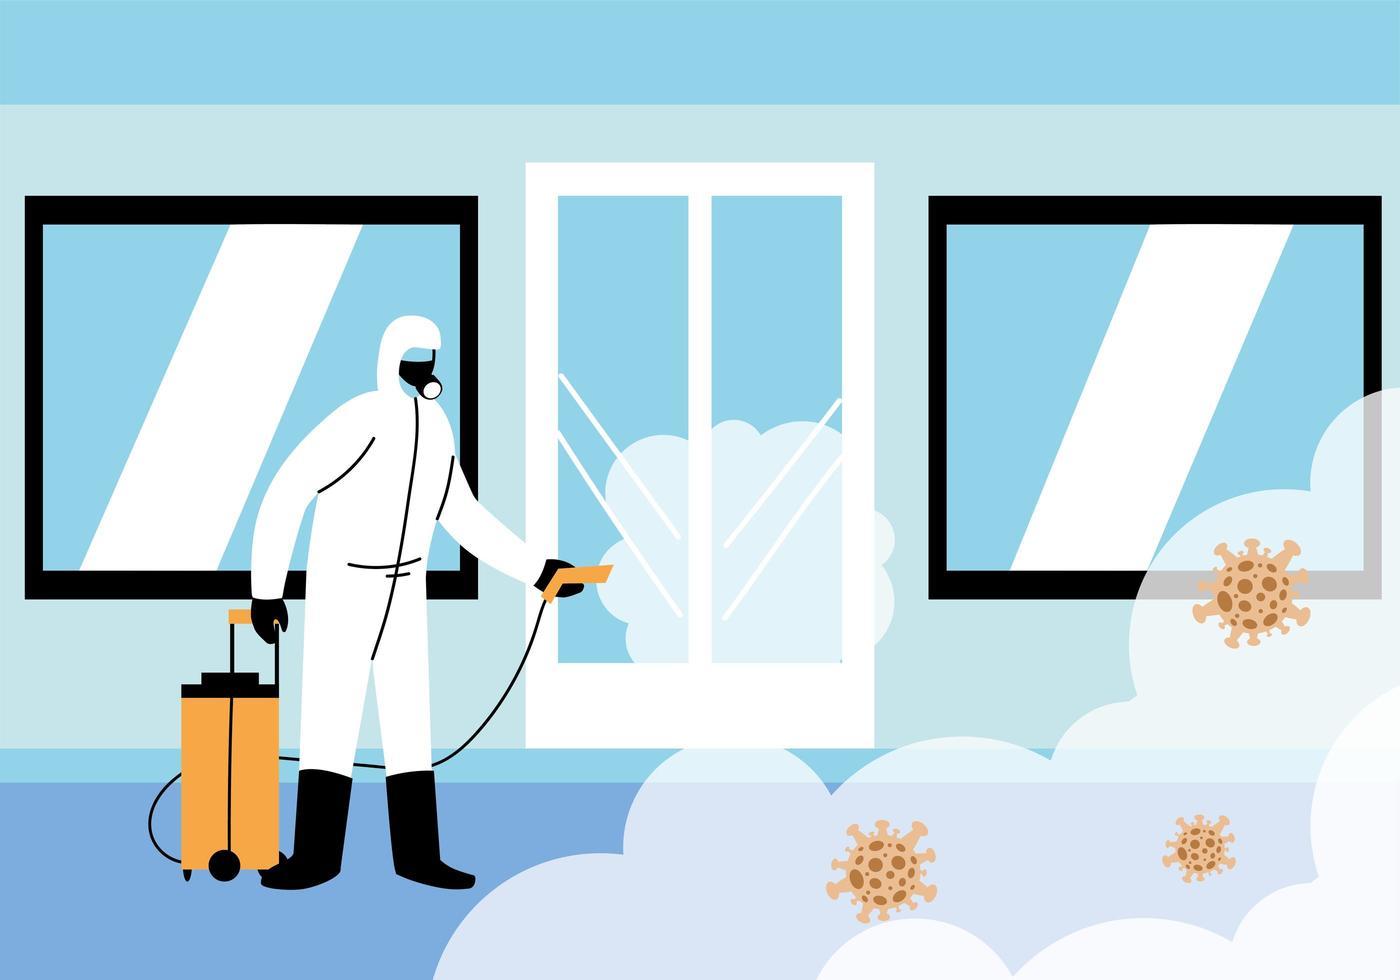 gli uomini indossano tuta protettiva, concetto di pulizia e disinfezione vettore